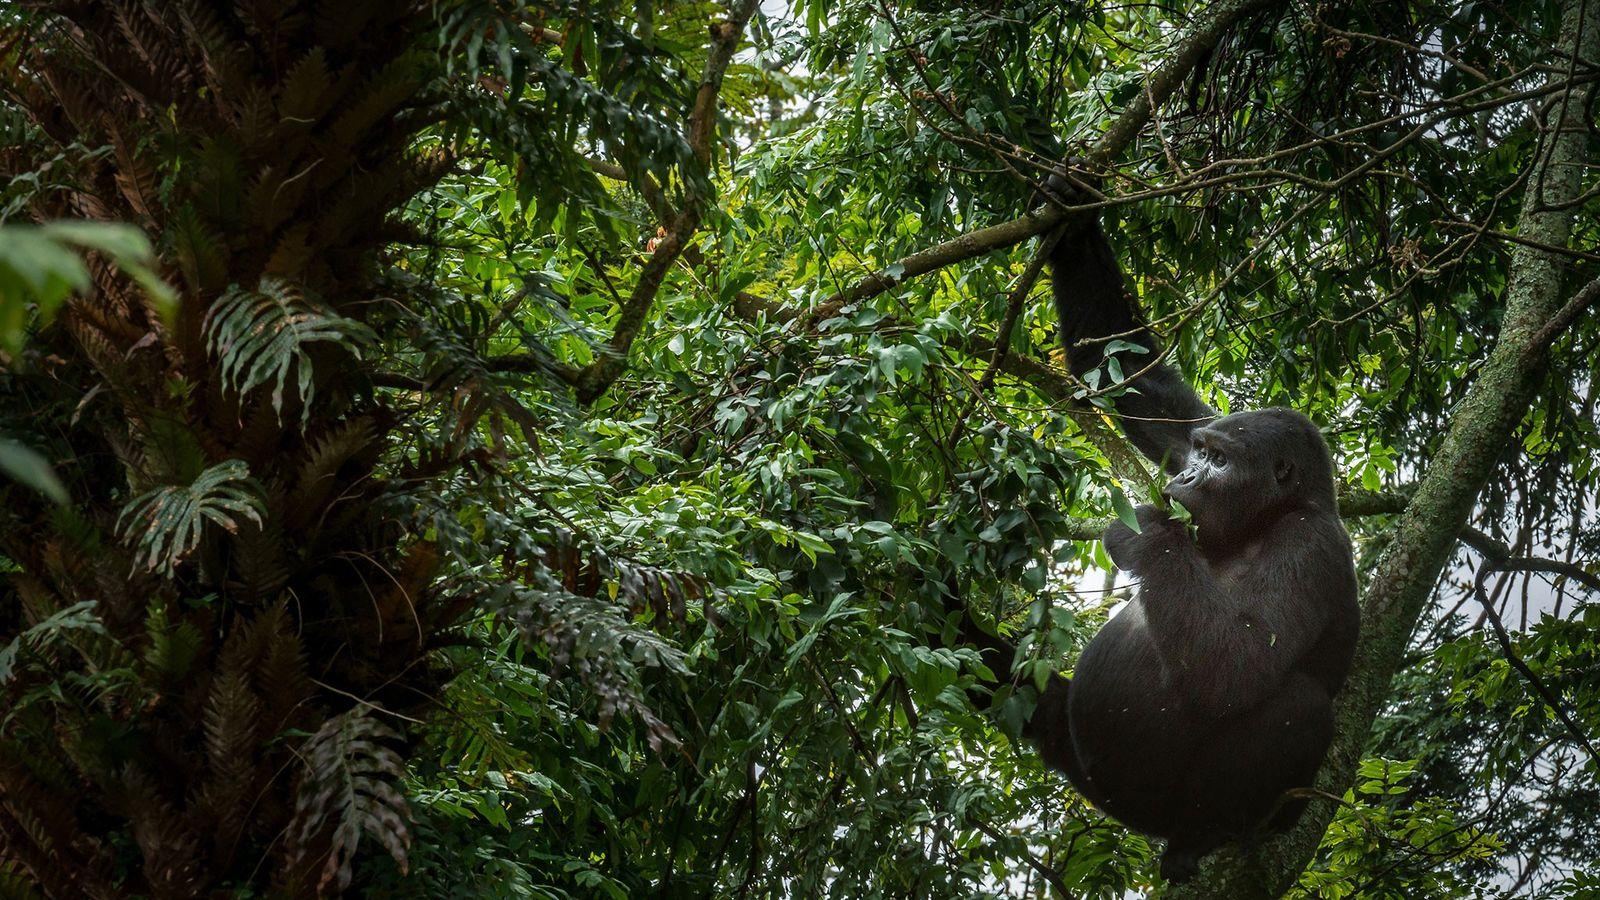 Ein Berggorilla frisst Blätter hoch oben in einem Baum.